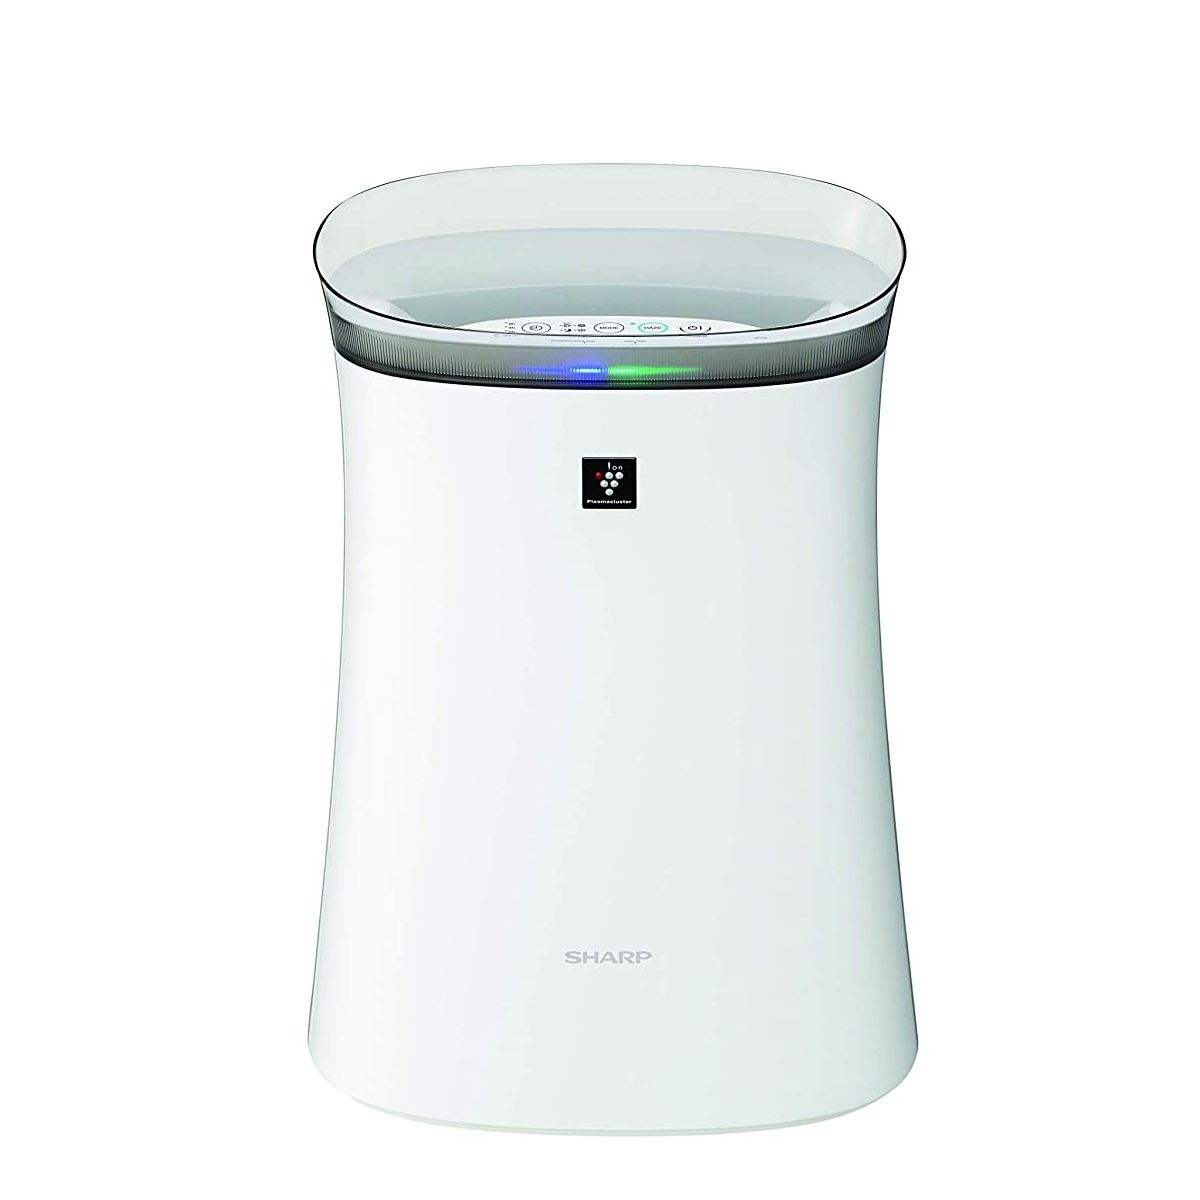 Sharp FP-F40E-W Air Purifier